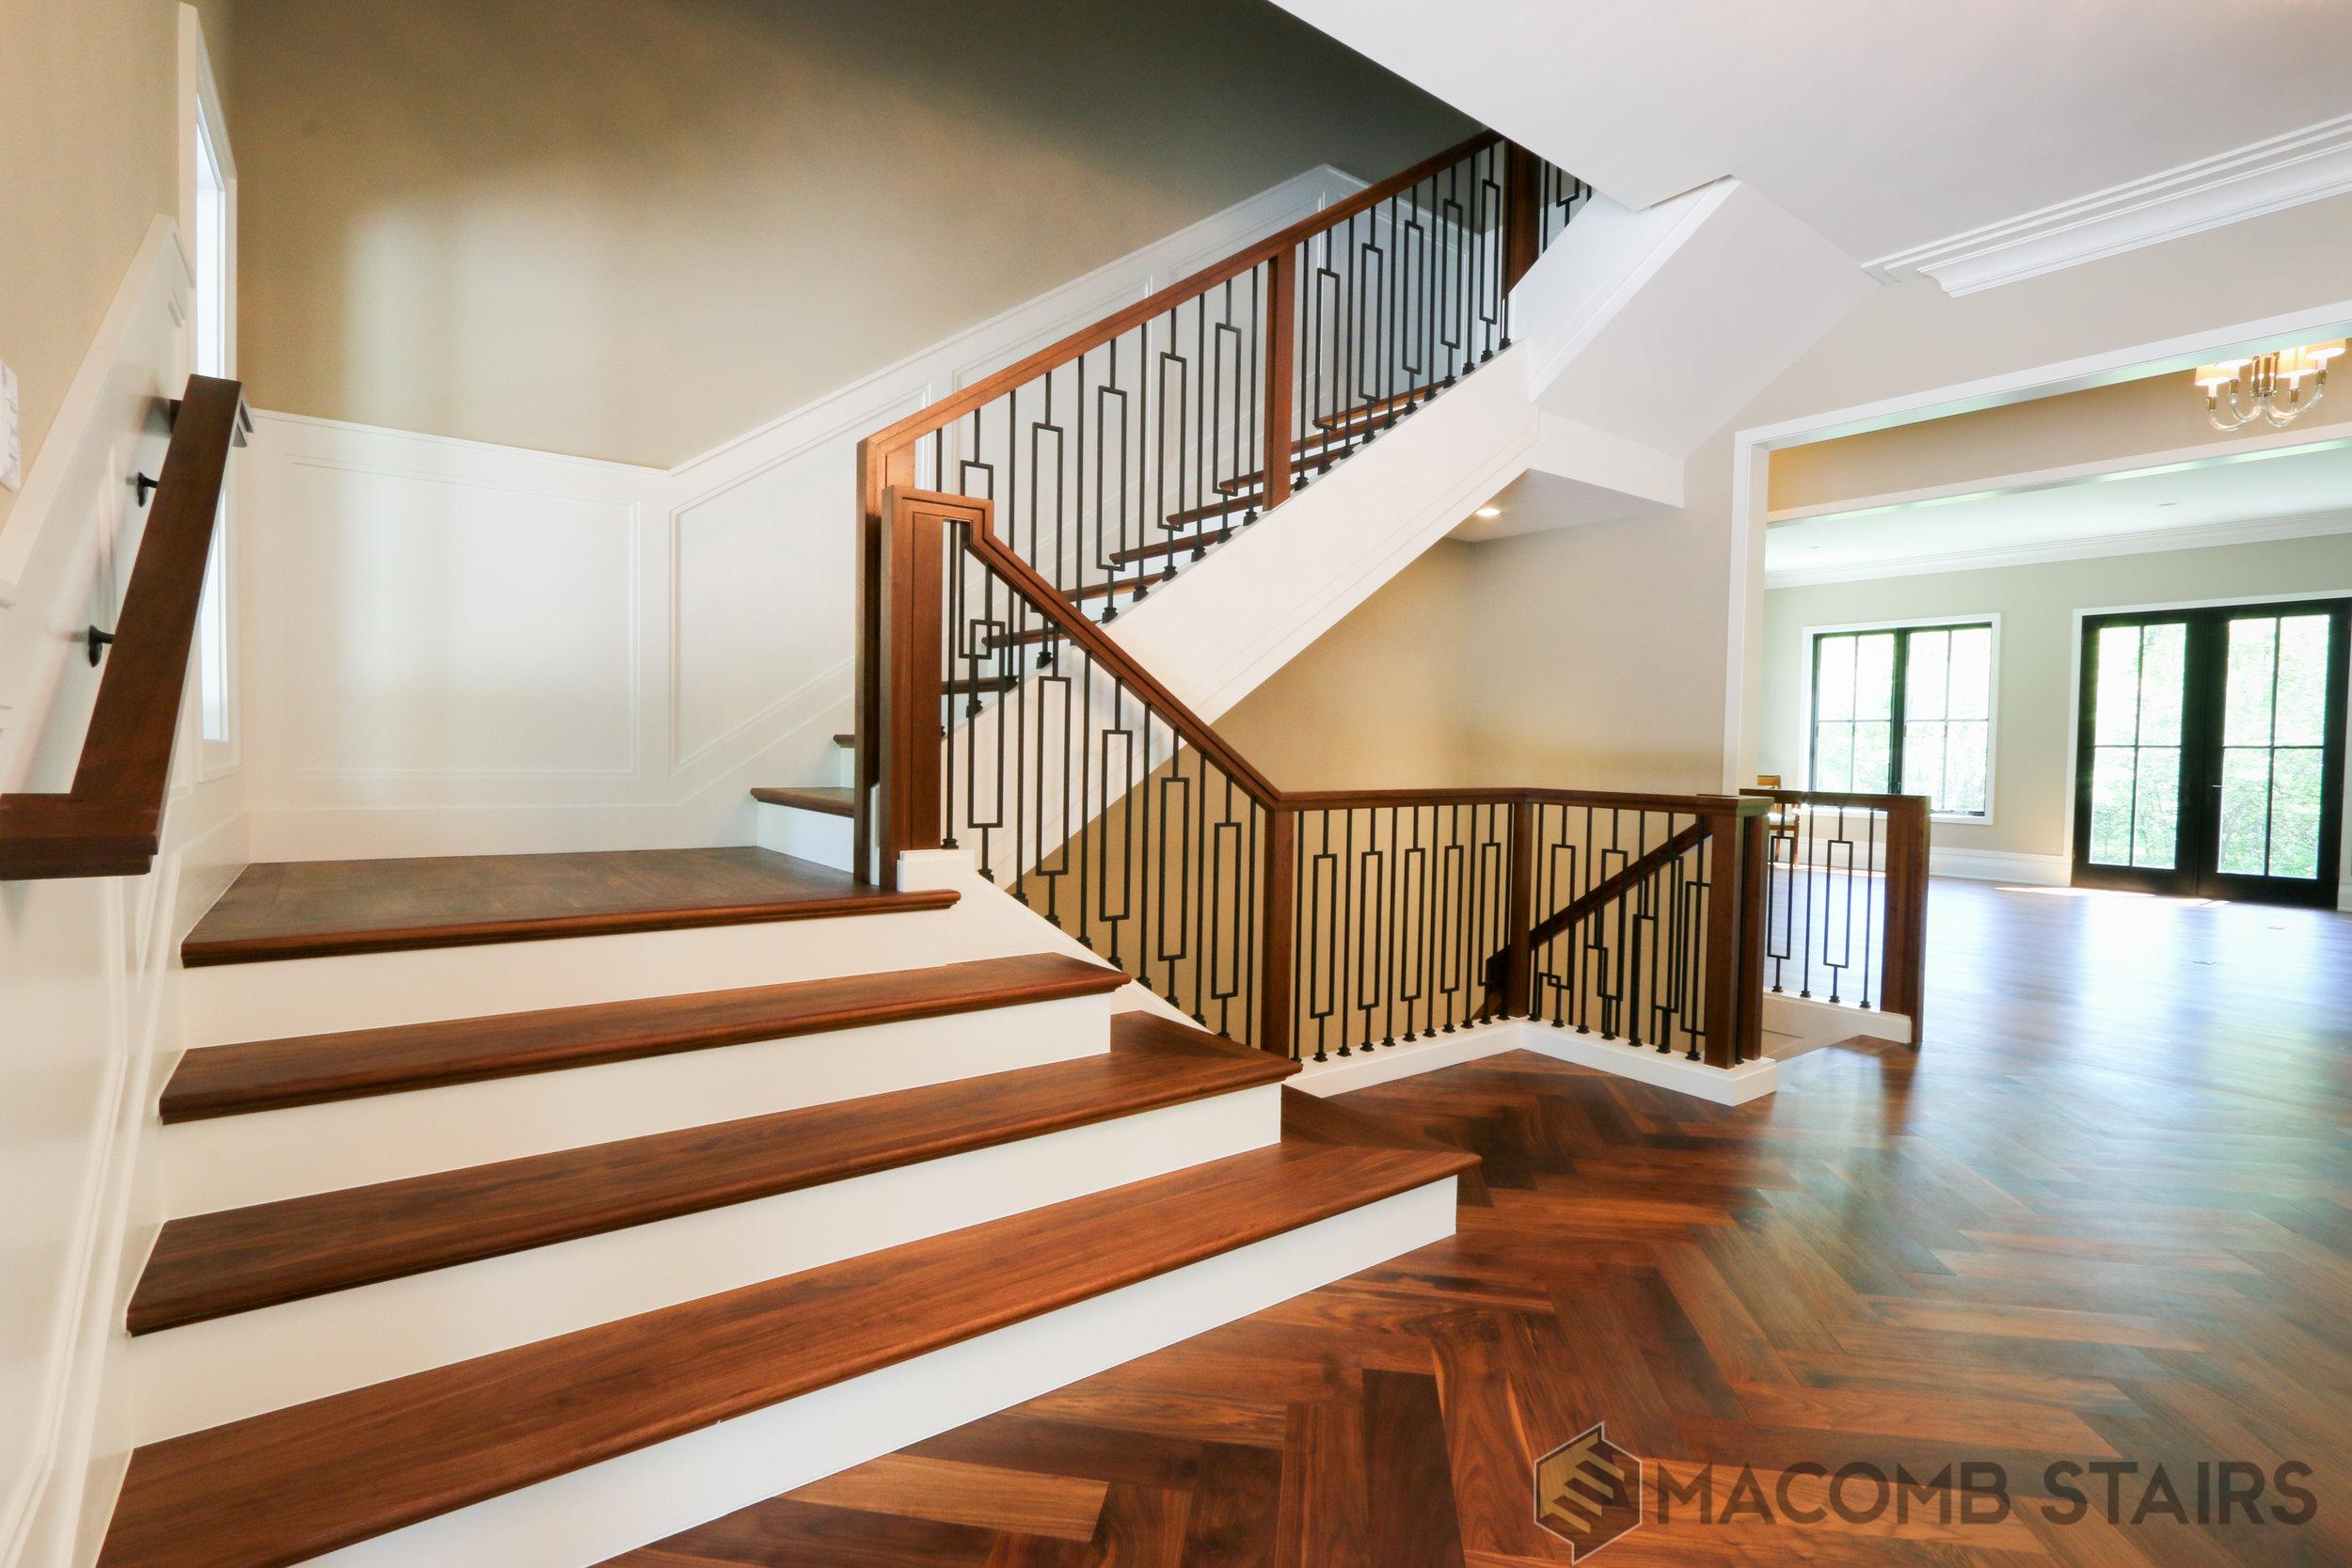 Macimb Stairs- Stair Photo-13.jpg